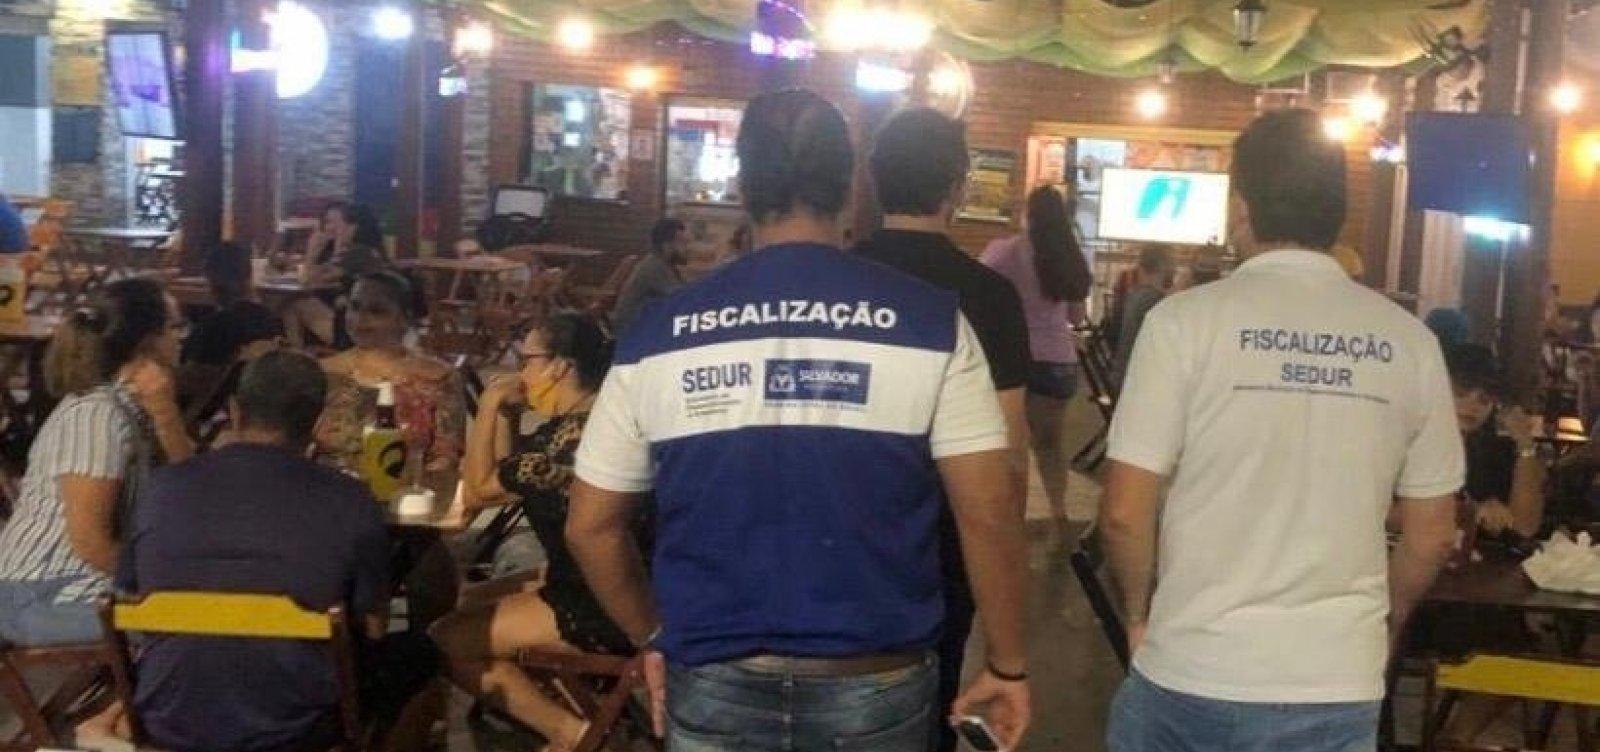 Bares, restaurantes e shoppings têm novo horário de funcionamento em Salvador